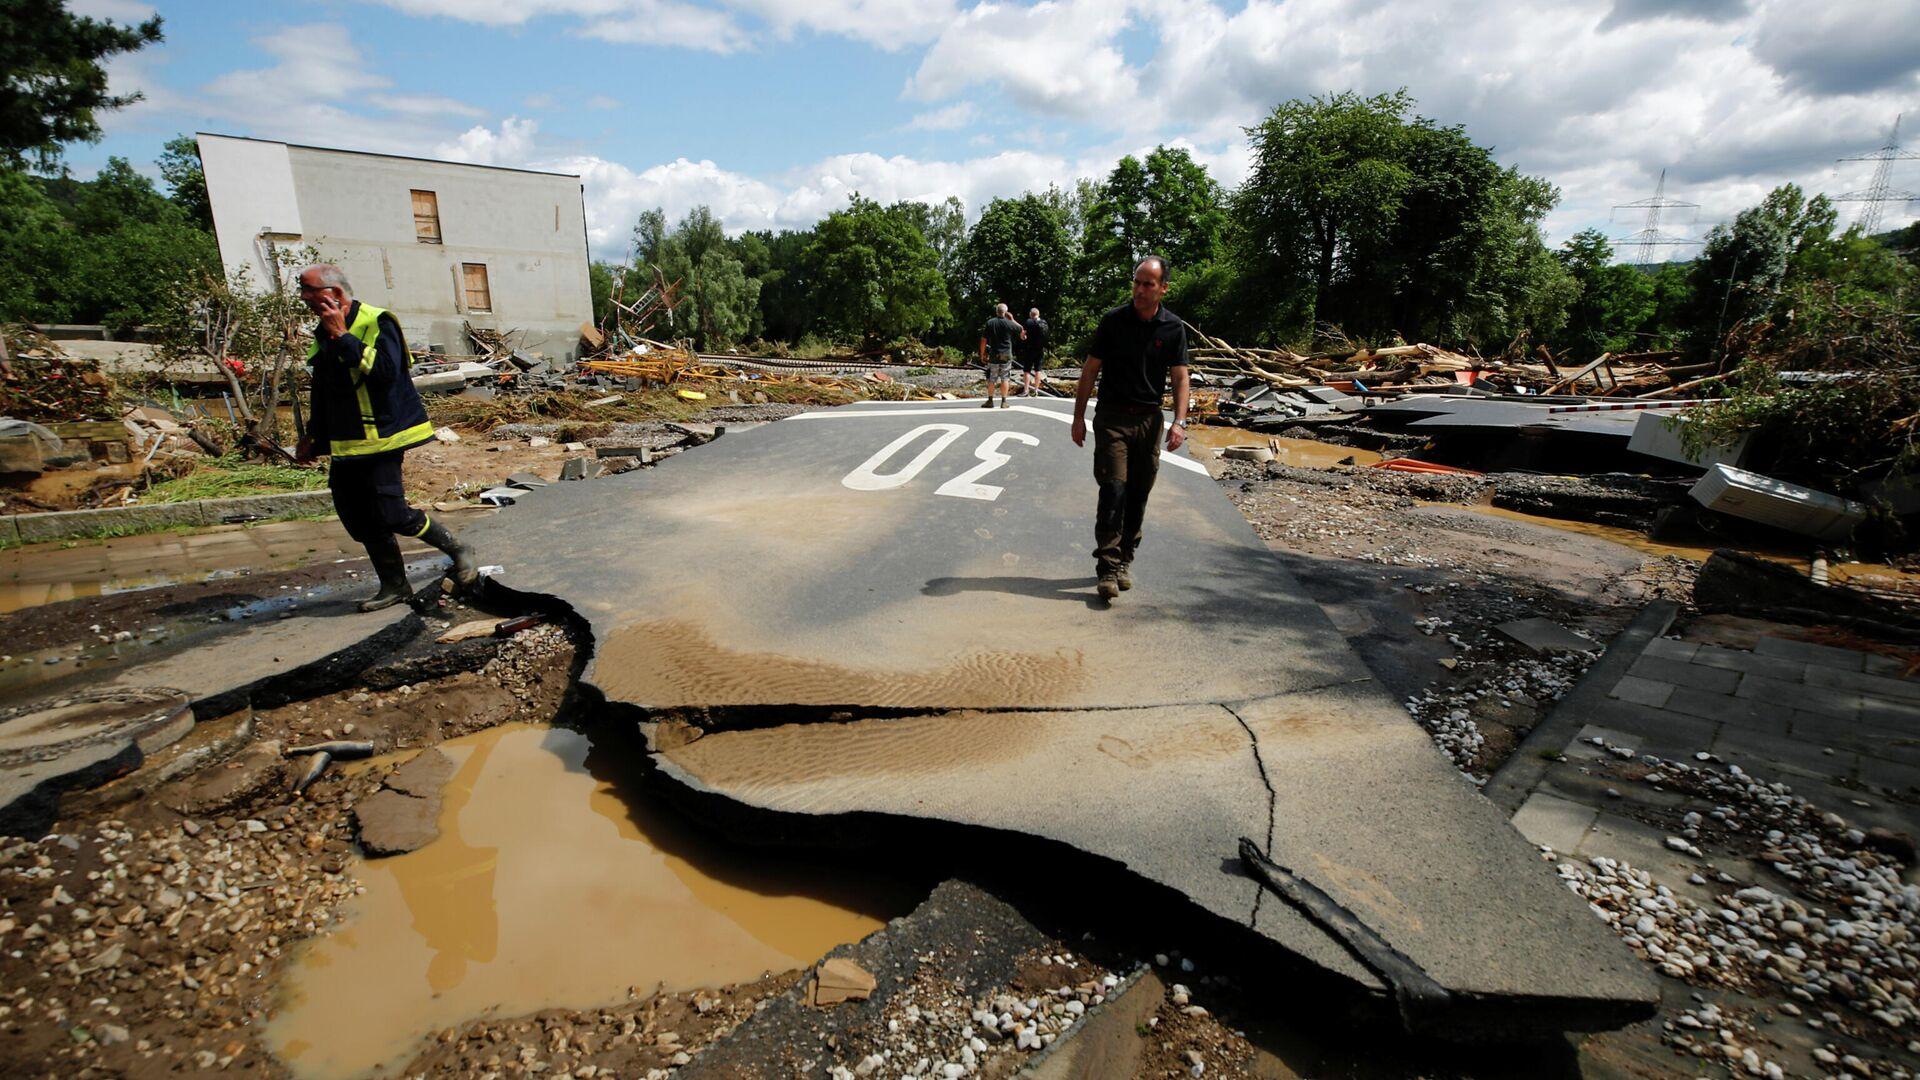 Разрушенная в результате сильных дождей дорога в Бад-Нойенар-Арвайлер - РИА Новости, 1920, 18.07.2021